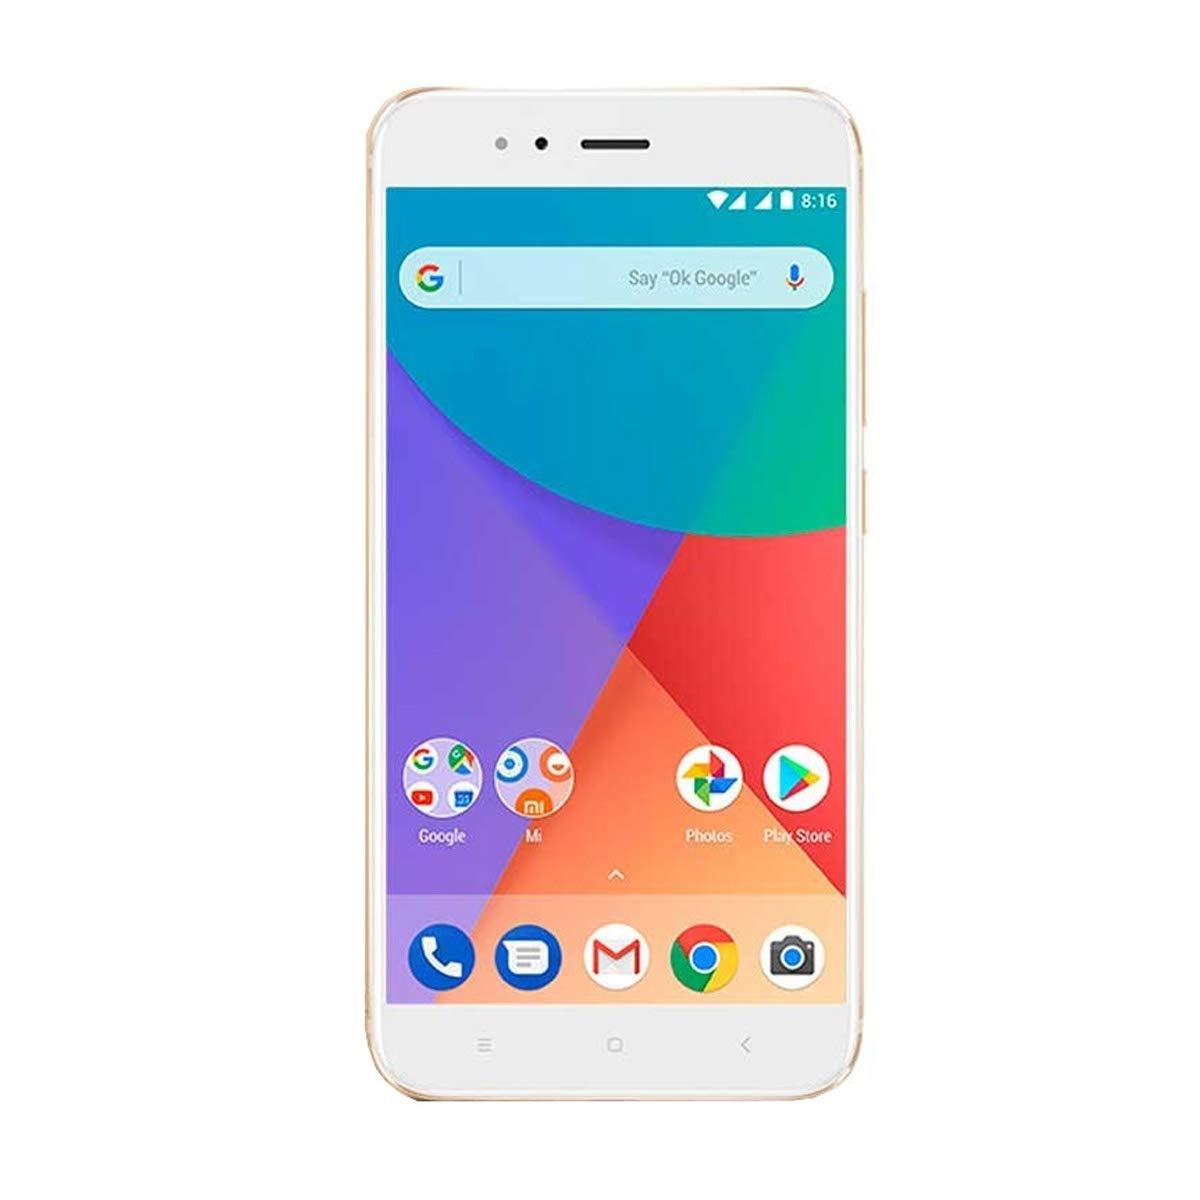 Xiaomi Mi A1 SIM Doble 4G 32GB Oro, Blanco - Smartphone (14 cm (5.5